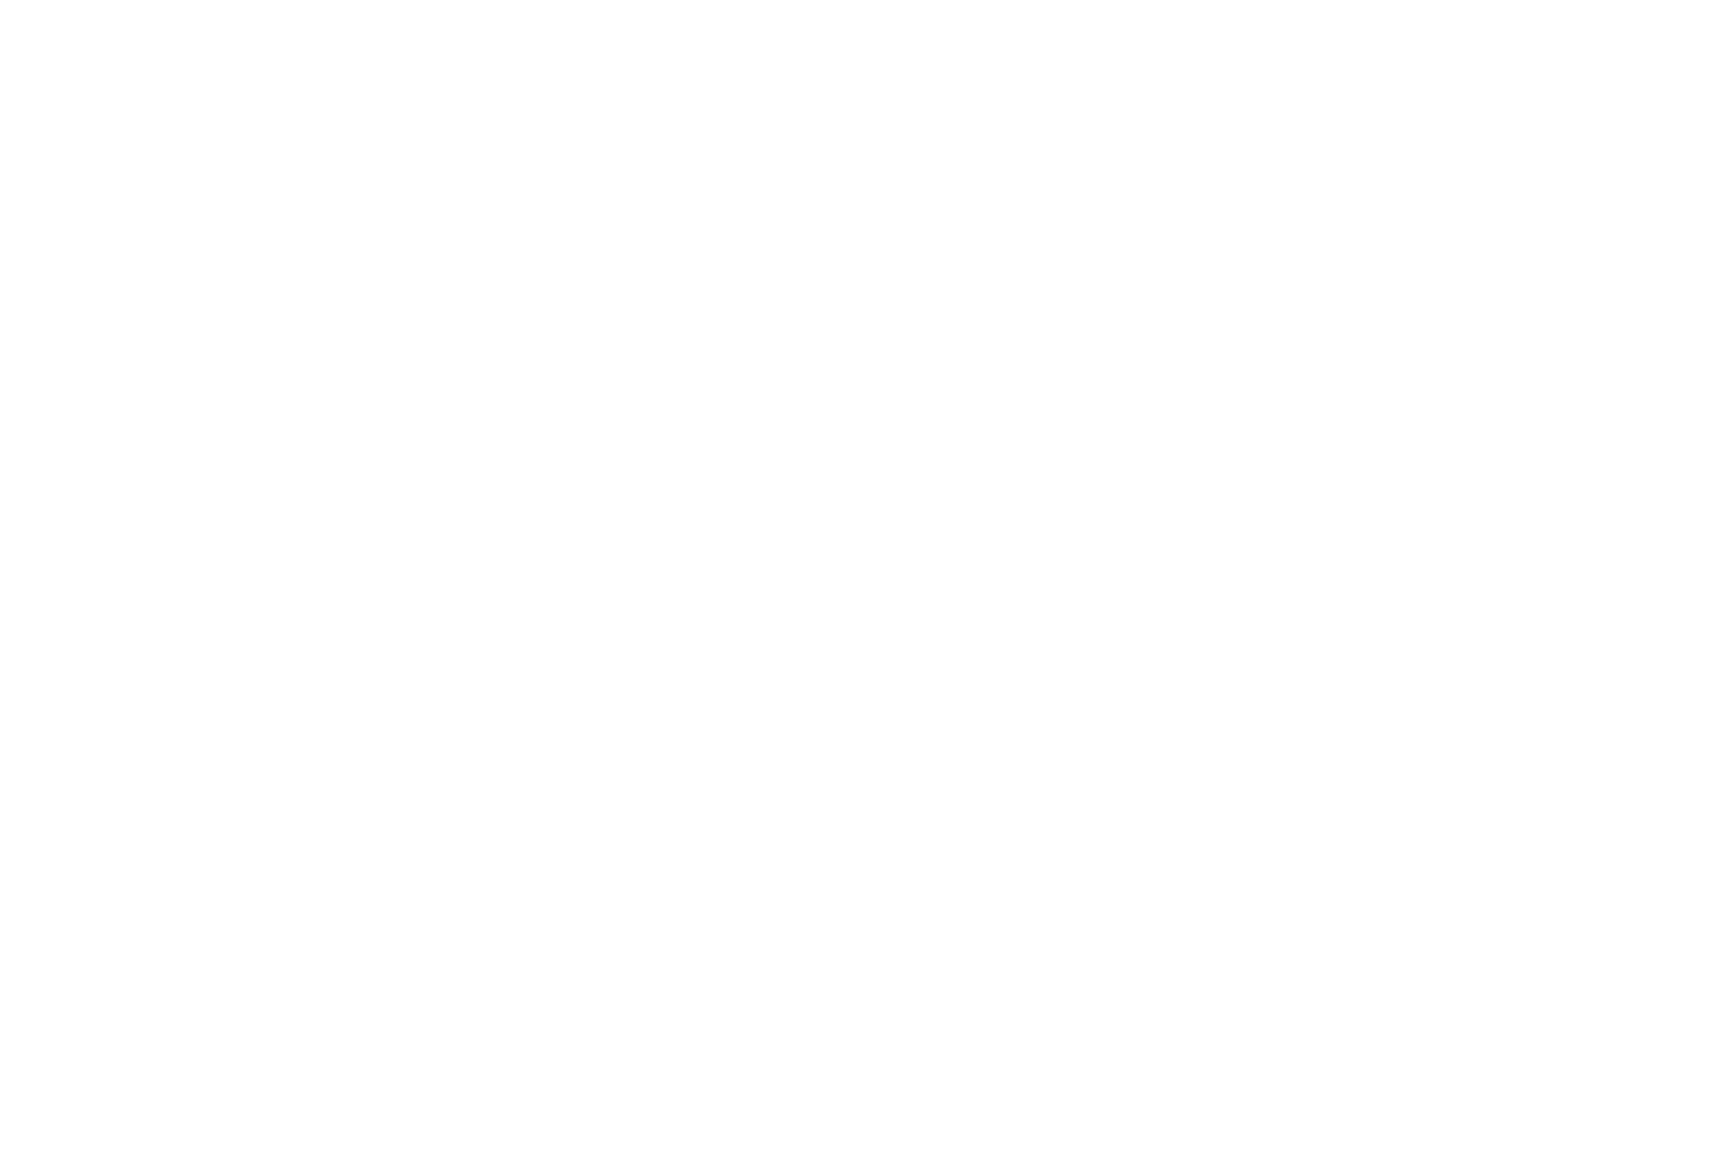 BEST SHORT FILM - Chandler International Film Festival - 2016